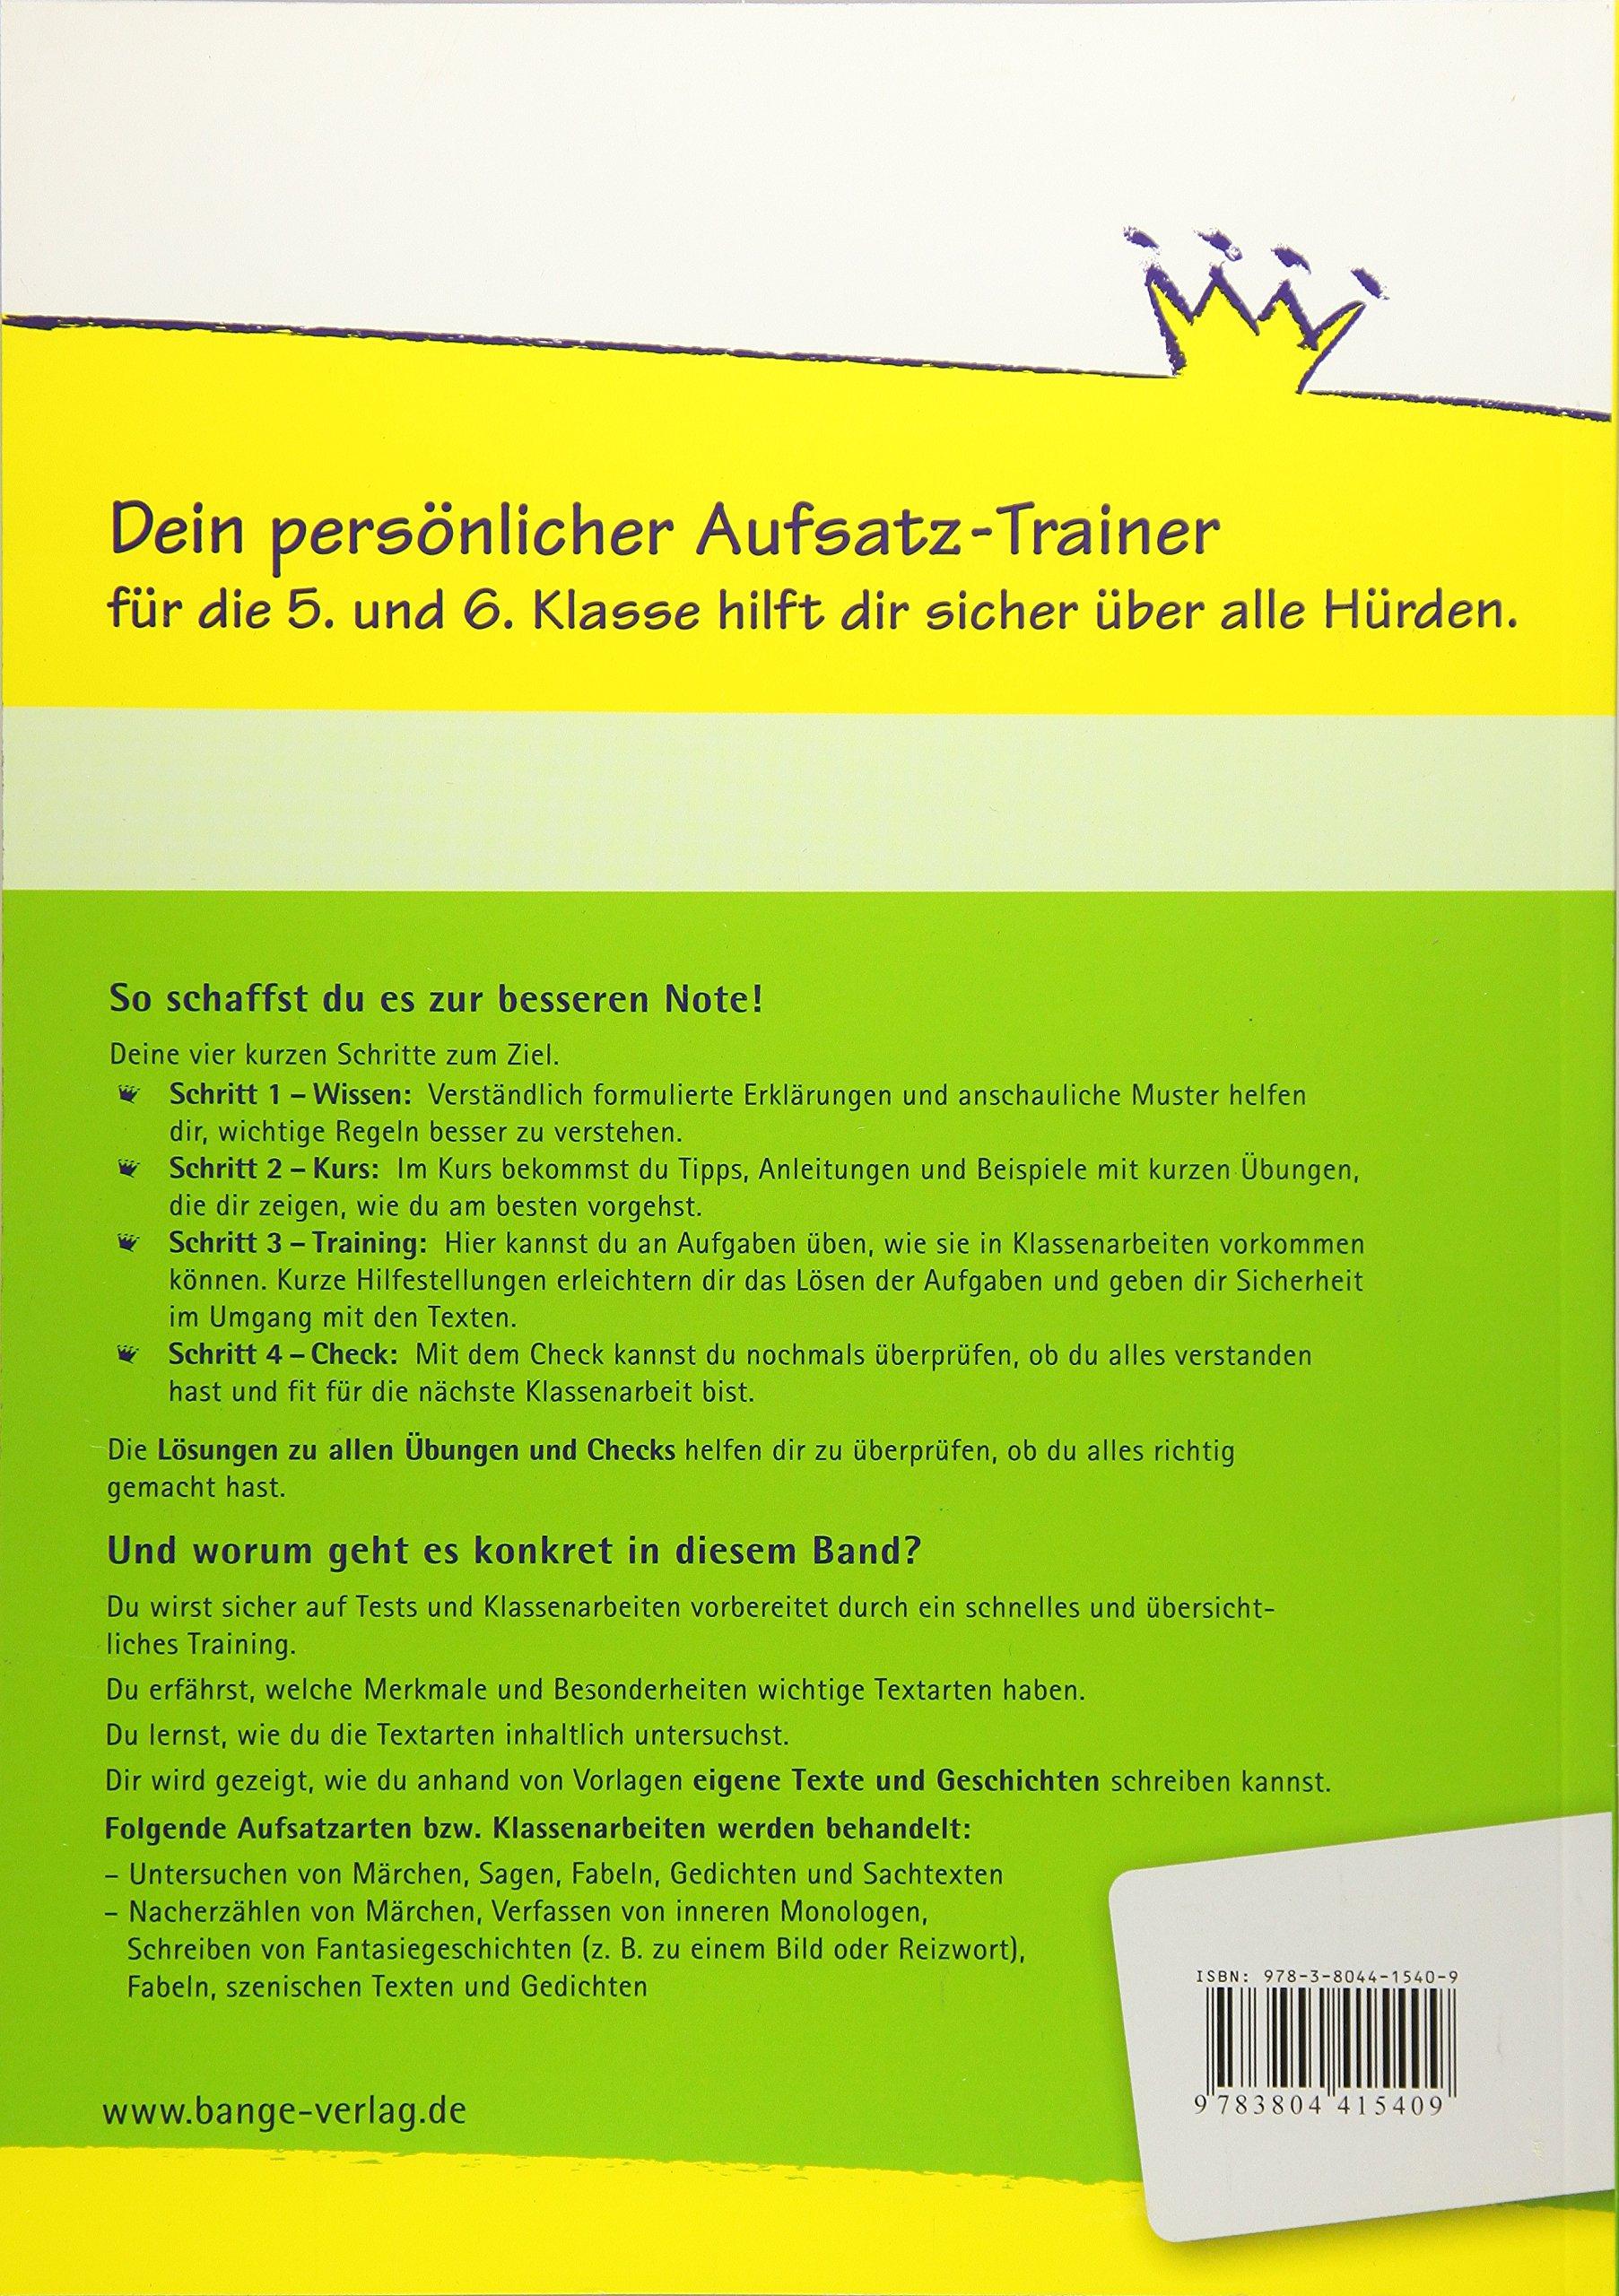 Aufsatz - Untersuchen und Gestalten: Märchen, Sagen, Fabeln ...